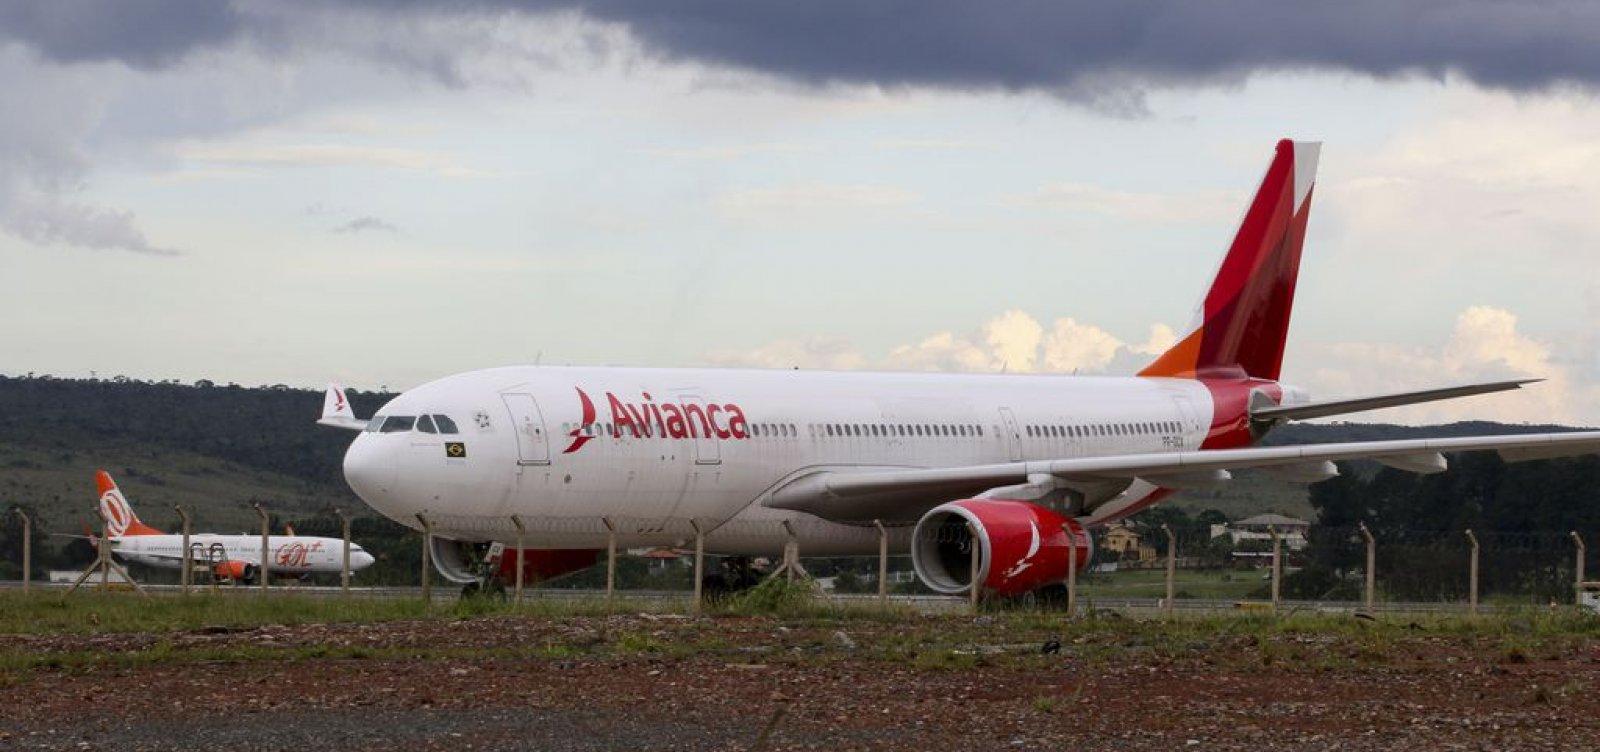 [Avianca deixa de operar no Recife e voos são cancelados]